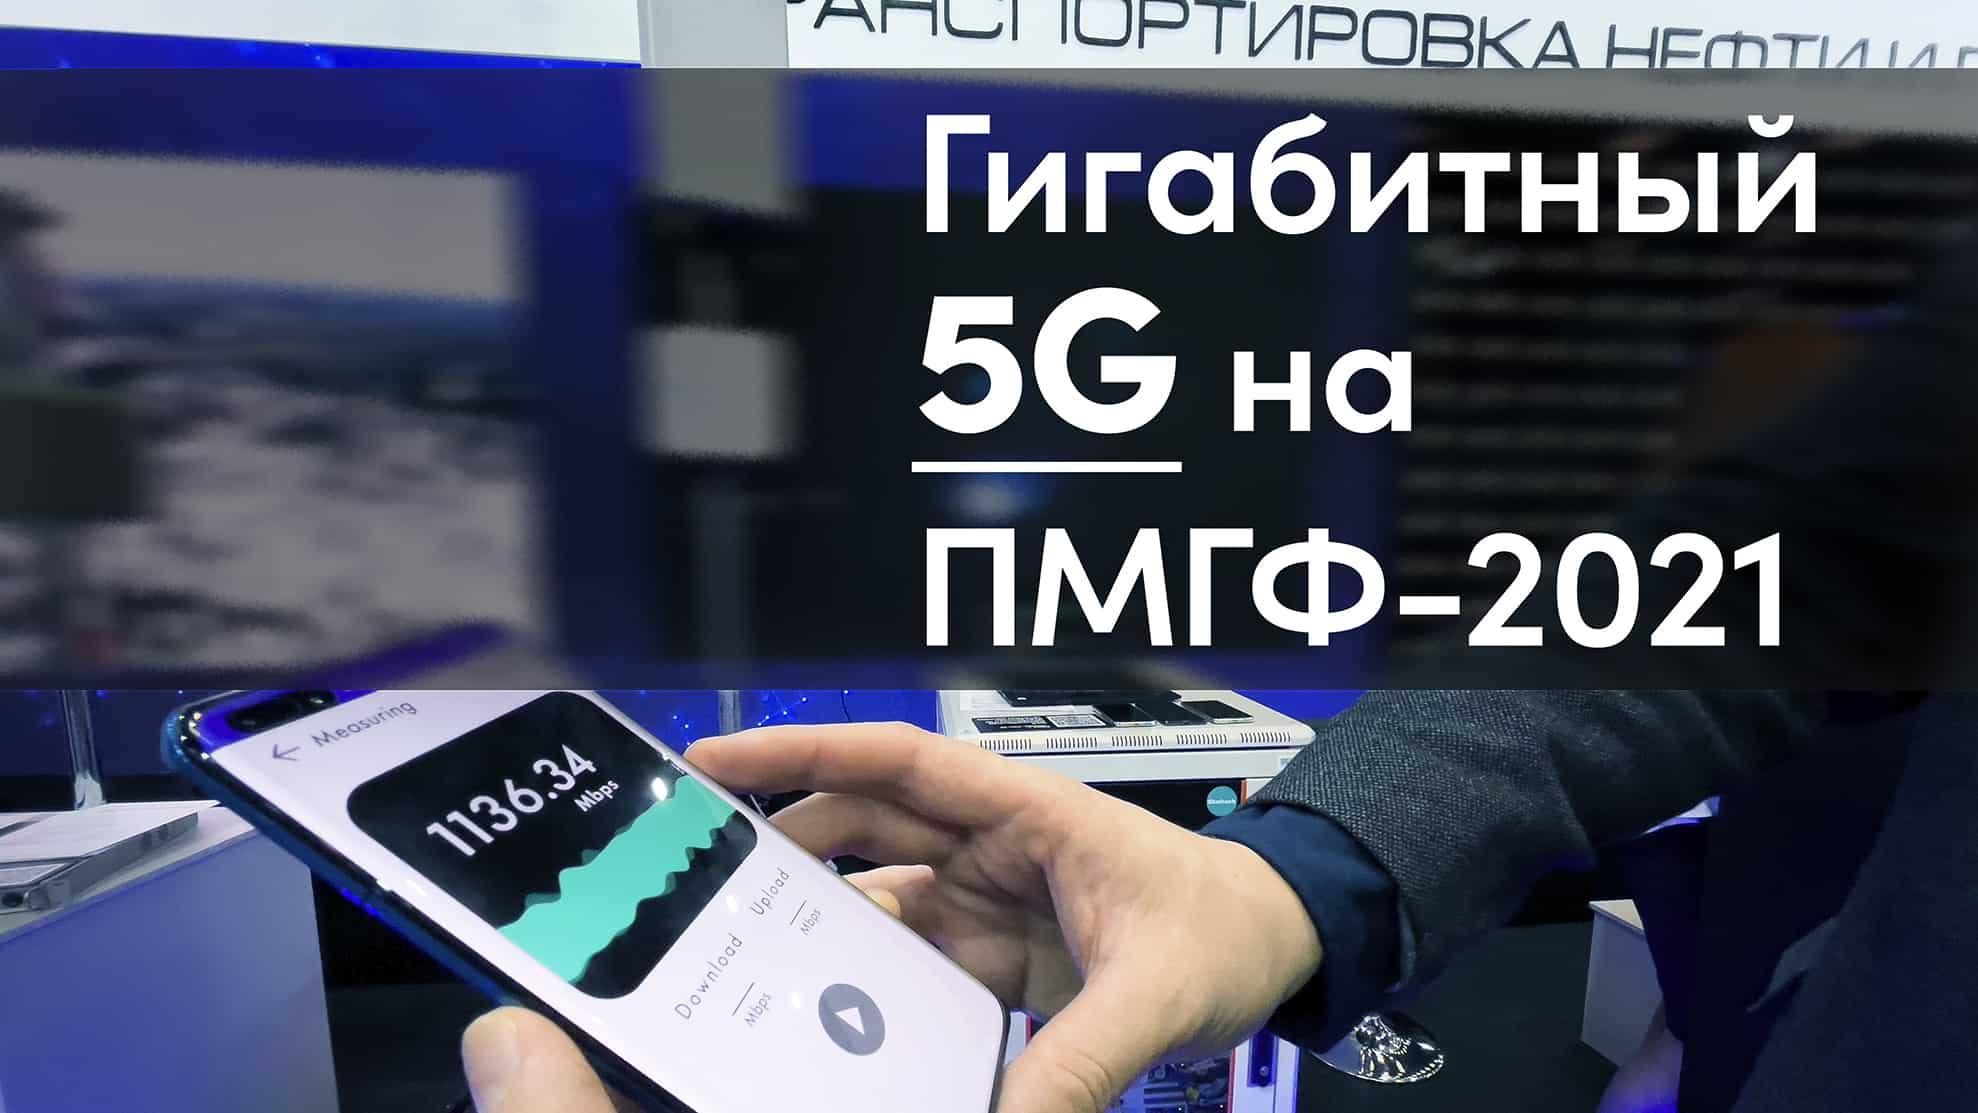 Центр компетенций НТИ на базе Сколтеха принял участие в Петербургском международном газовом форуме (ПМГФ-2021), проходящем с 5 по 8 октября 2021 года. На стенде «Импортозамещение» Сколтех и компания «Микран» представили…